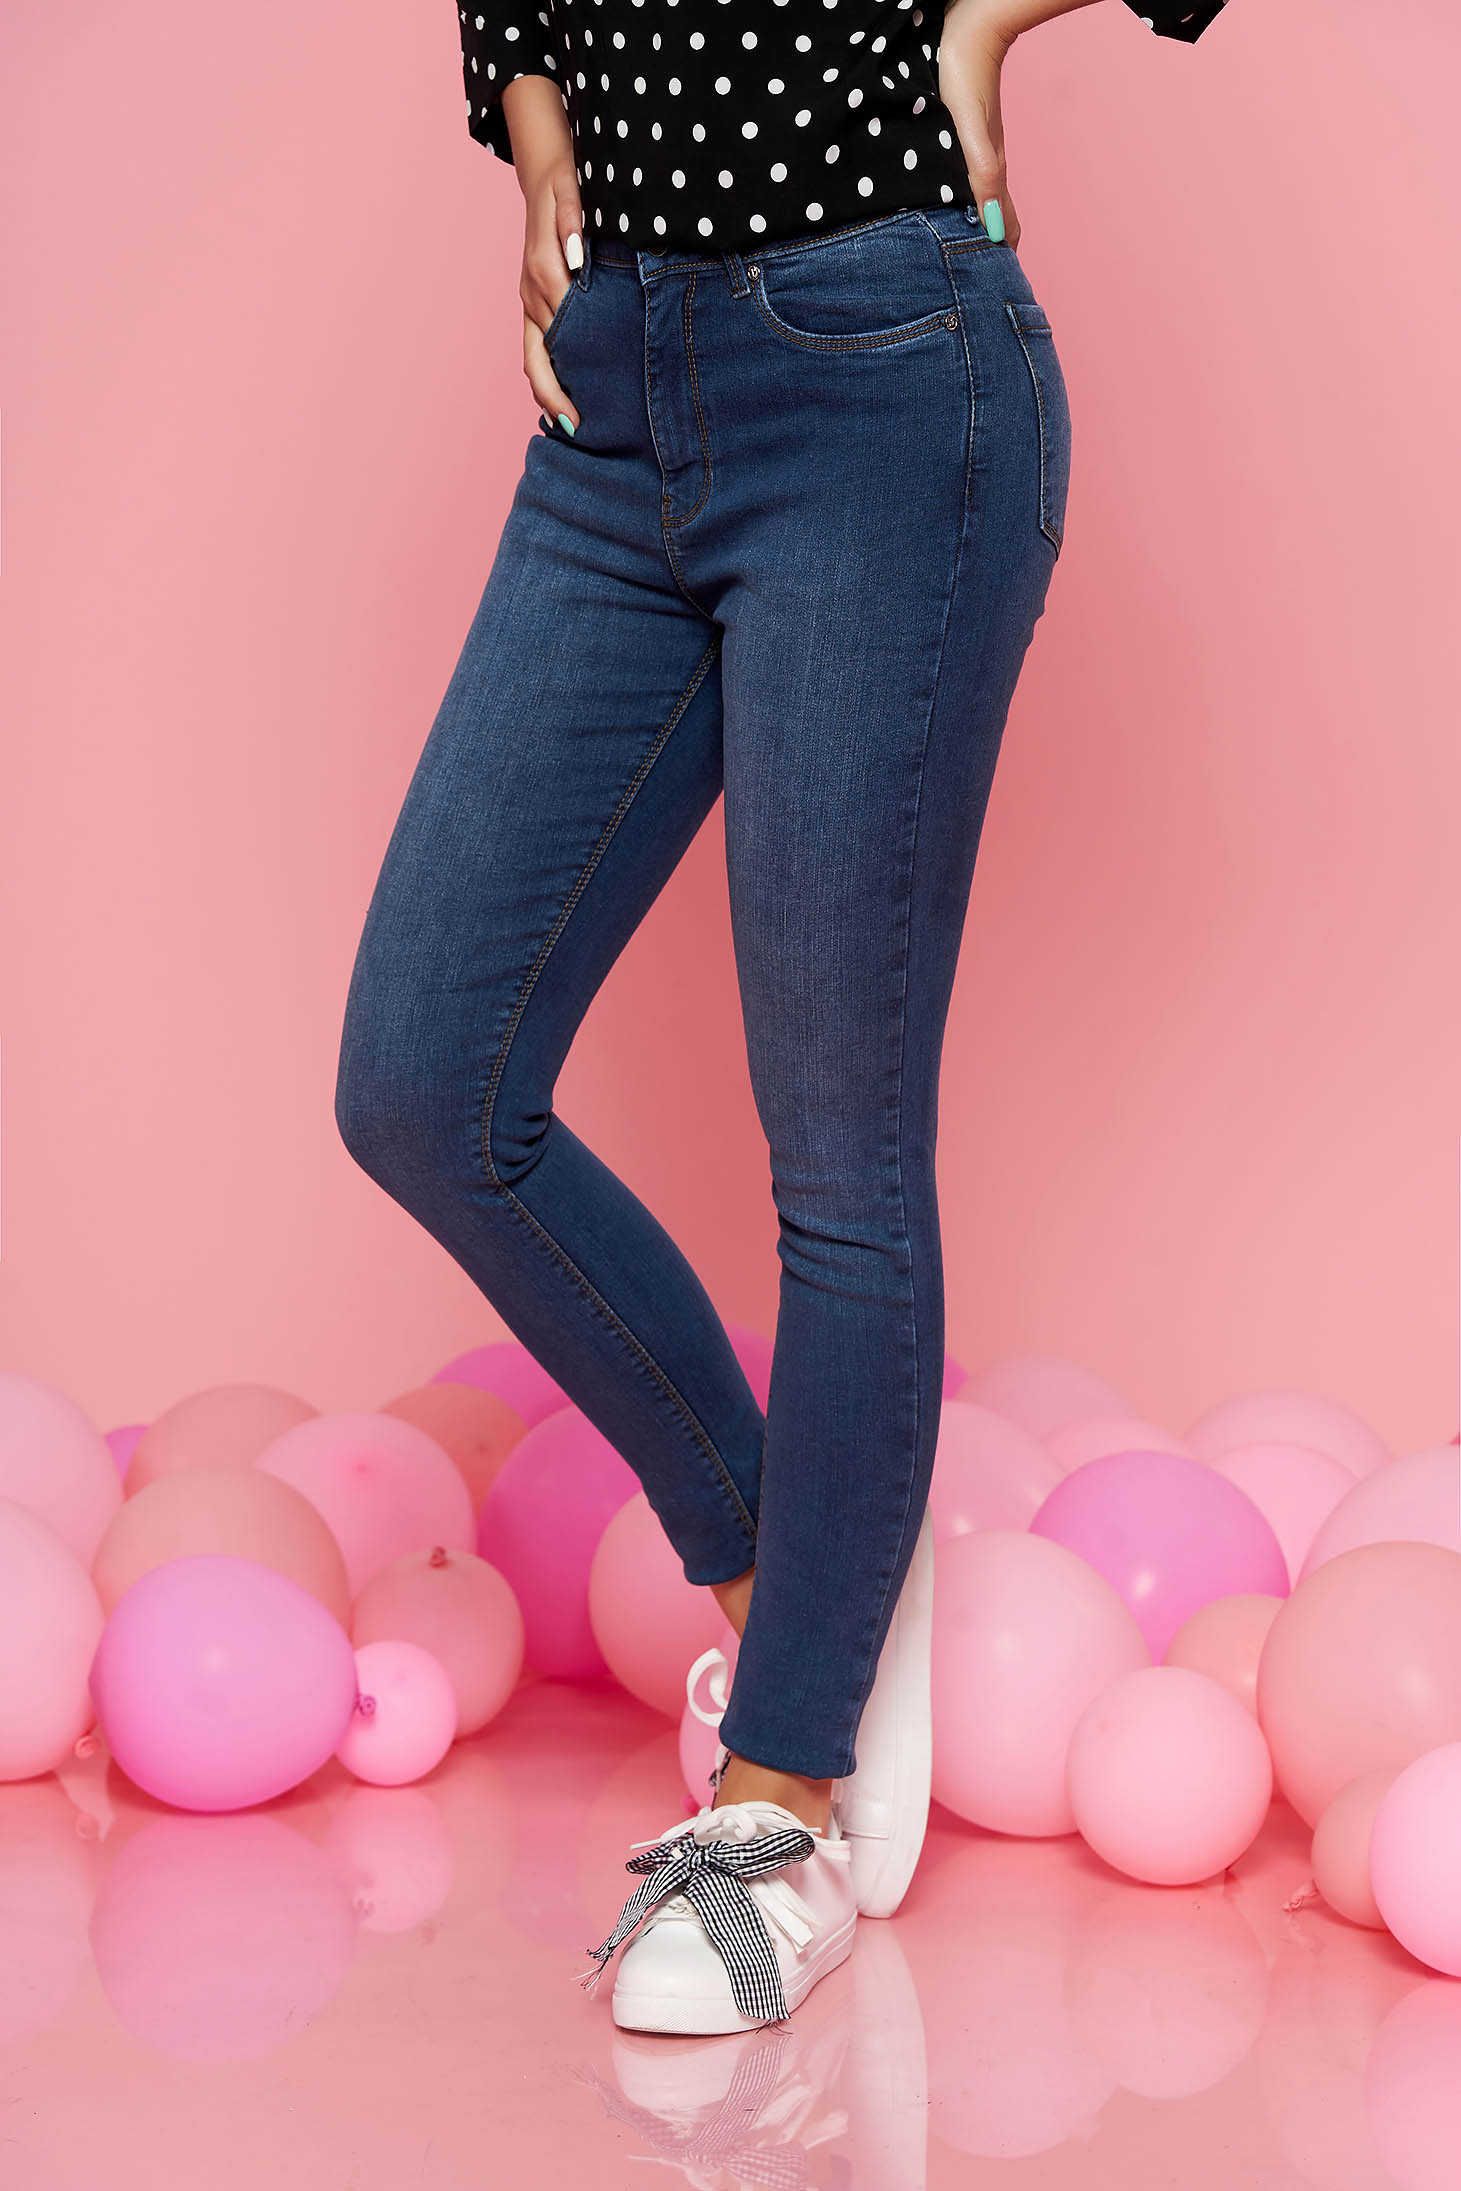 Blugi albastri Top Secret casual cu talie medie skinny din bumbac usor elastic